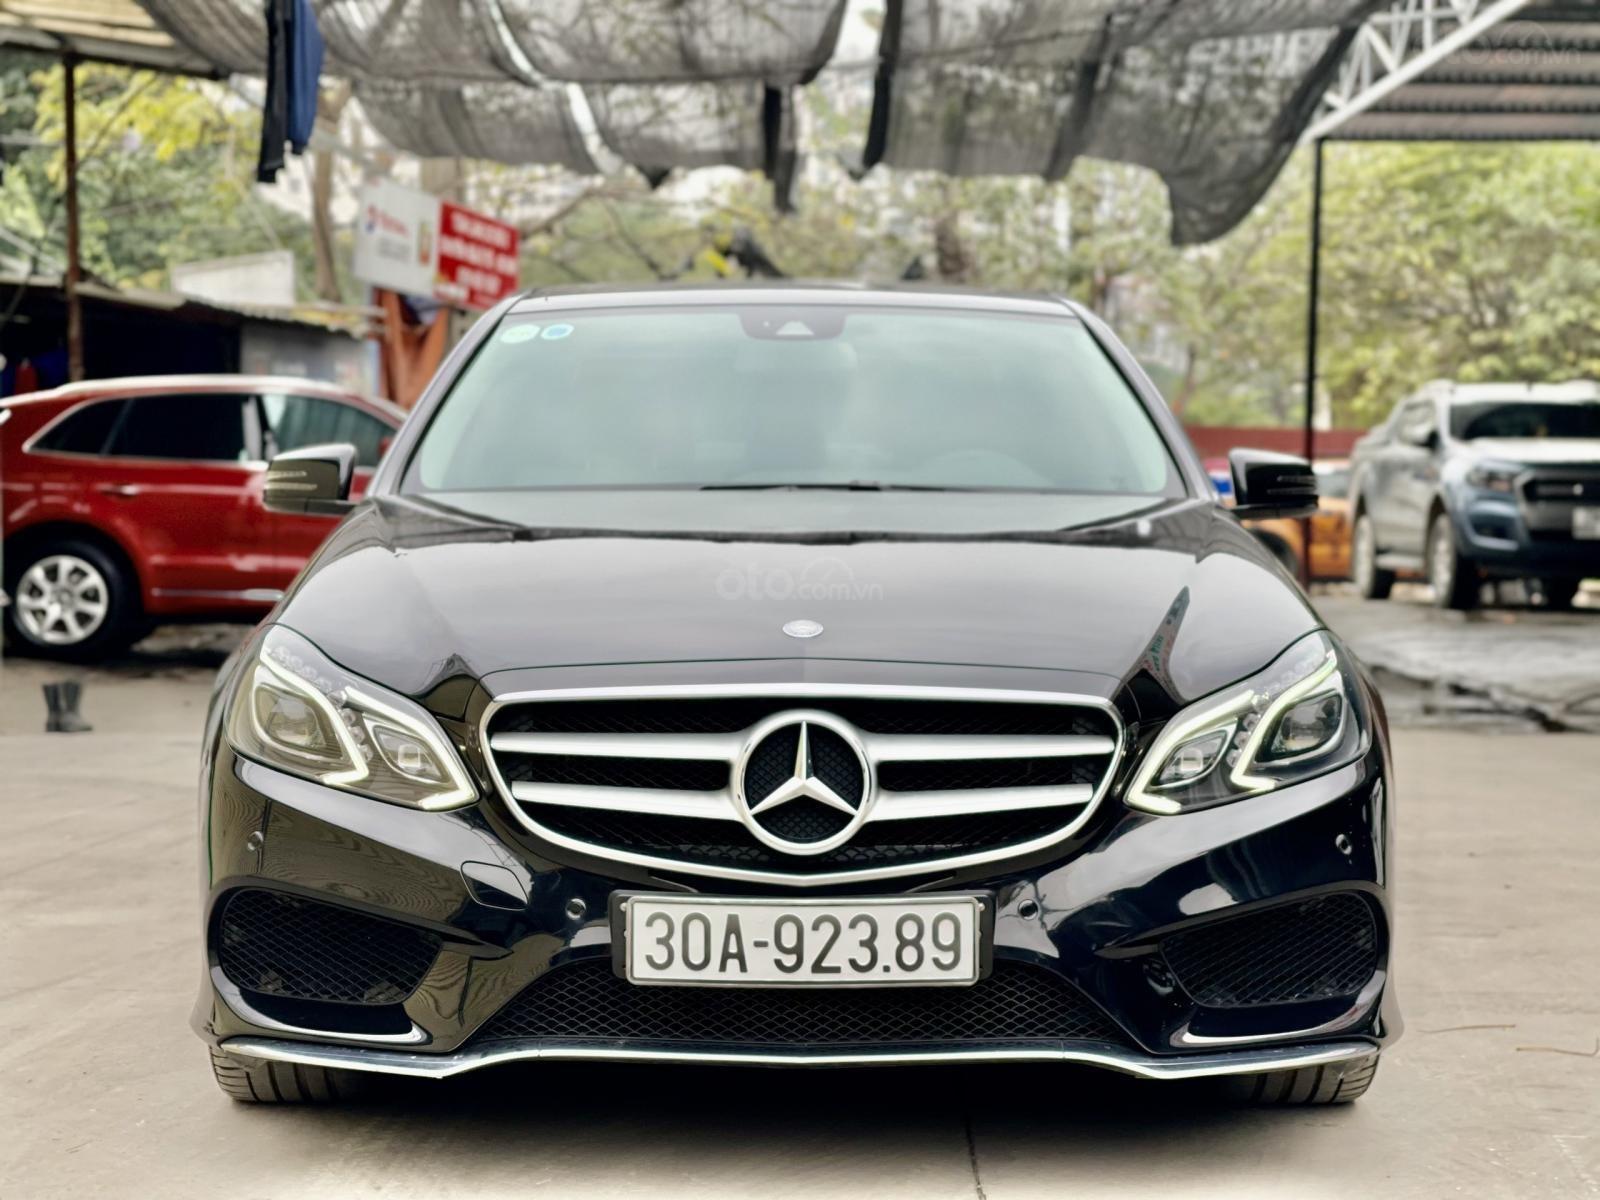 Siêu phẩm Mercedes E250 AMG đi giữ gìn 1 chủ từ đầu (1)